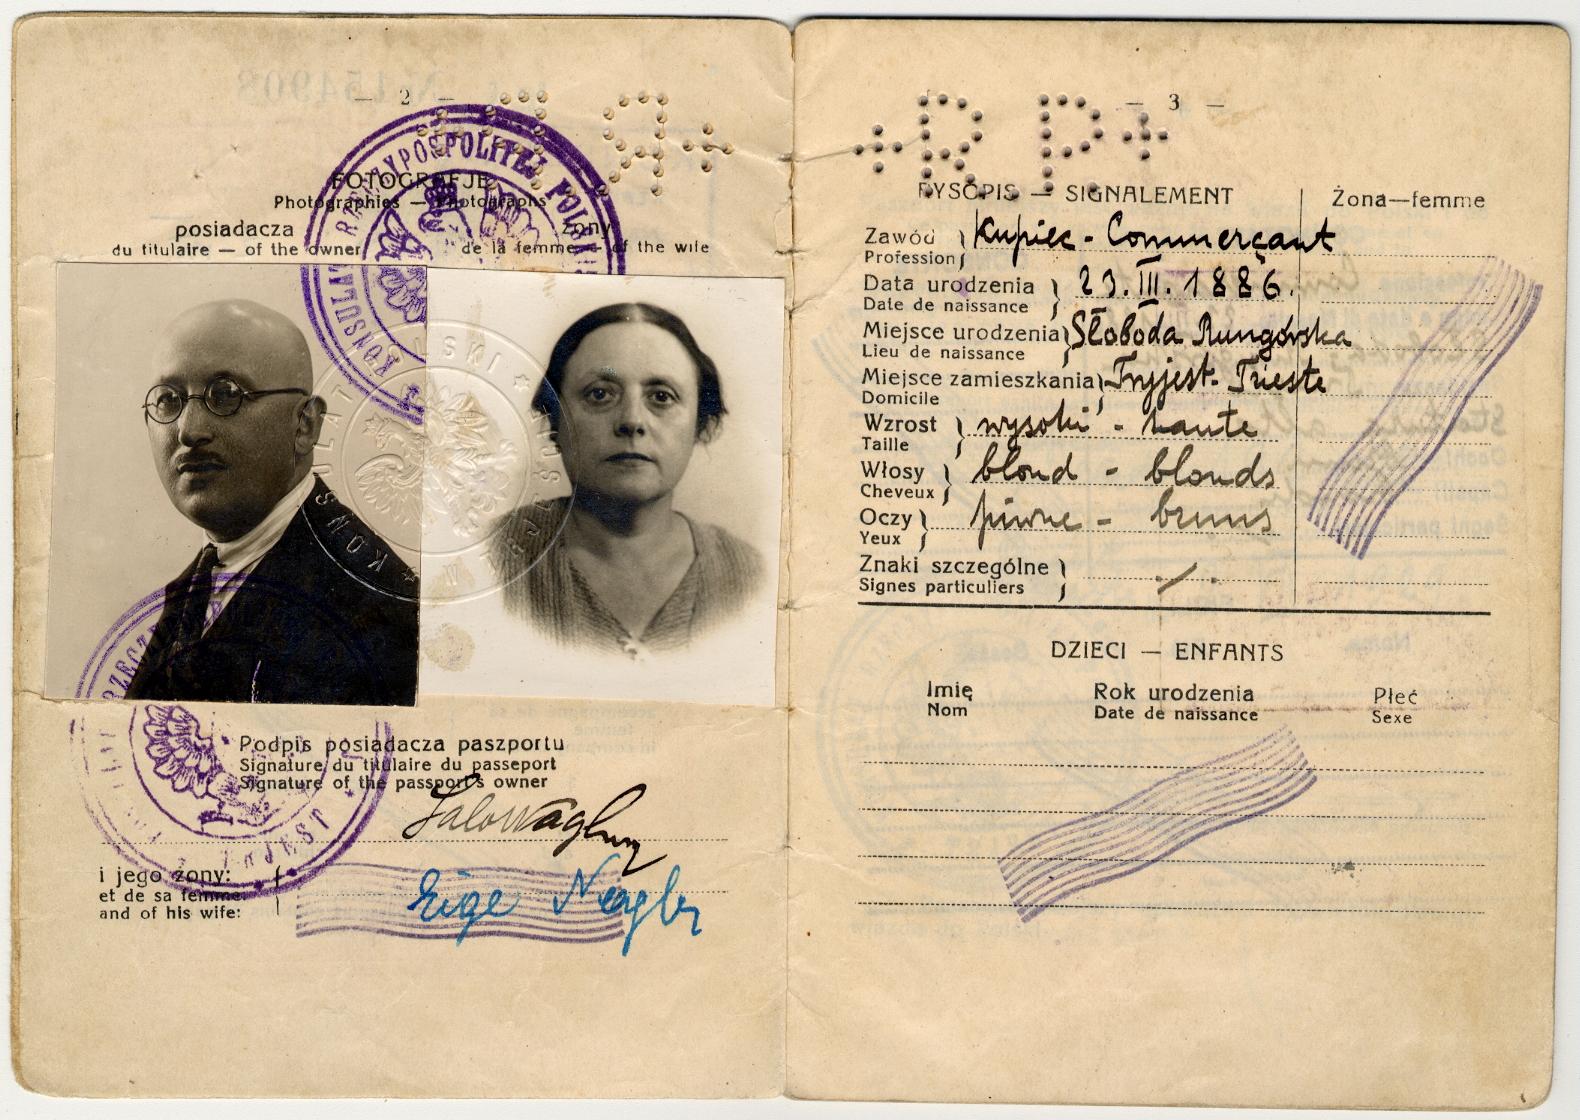 Passaporto polacco di Salo Nagler e Eige 1929 (pag. 2)